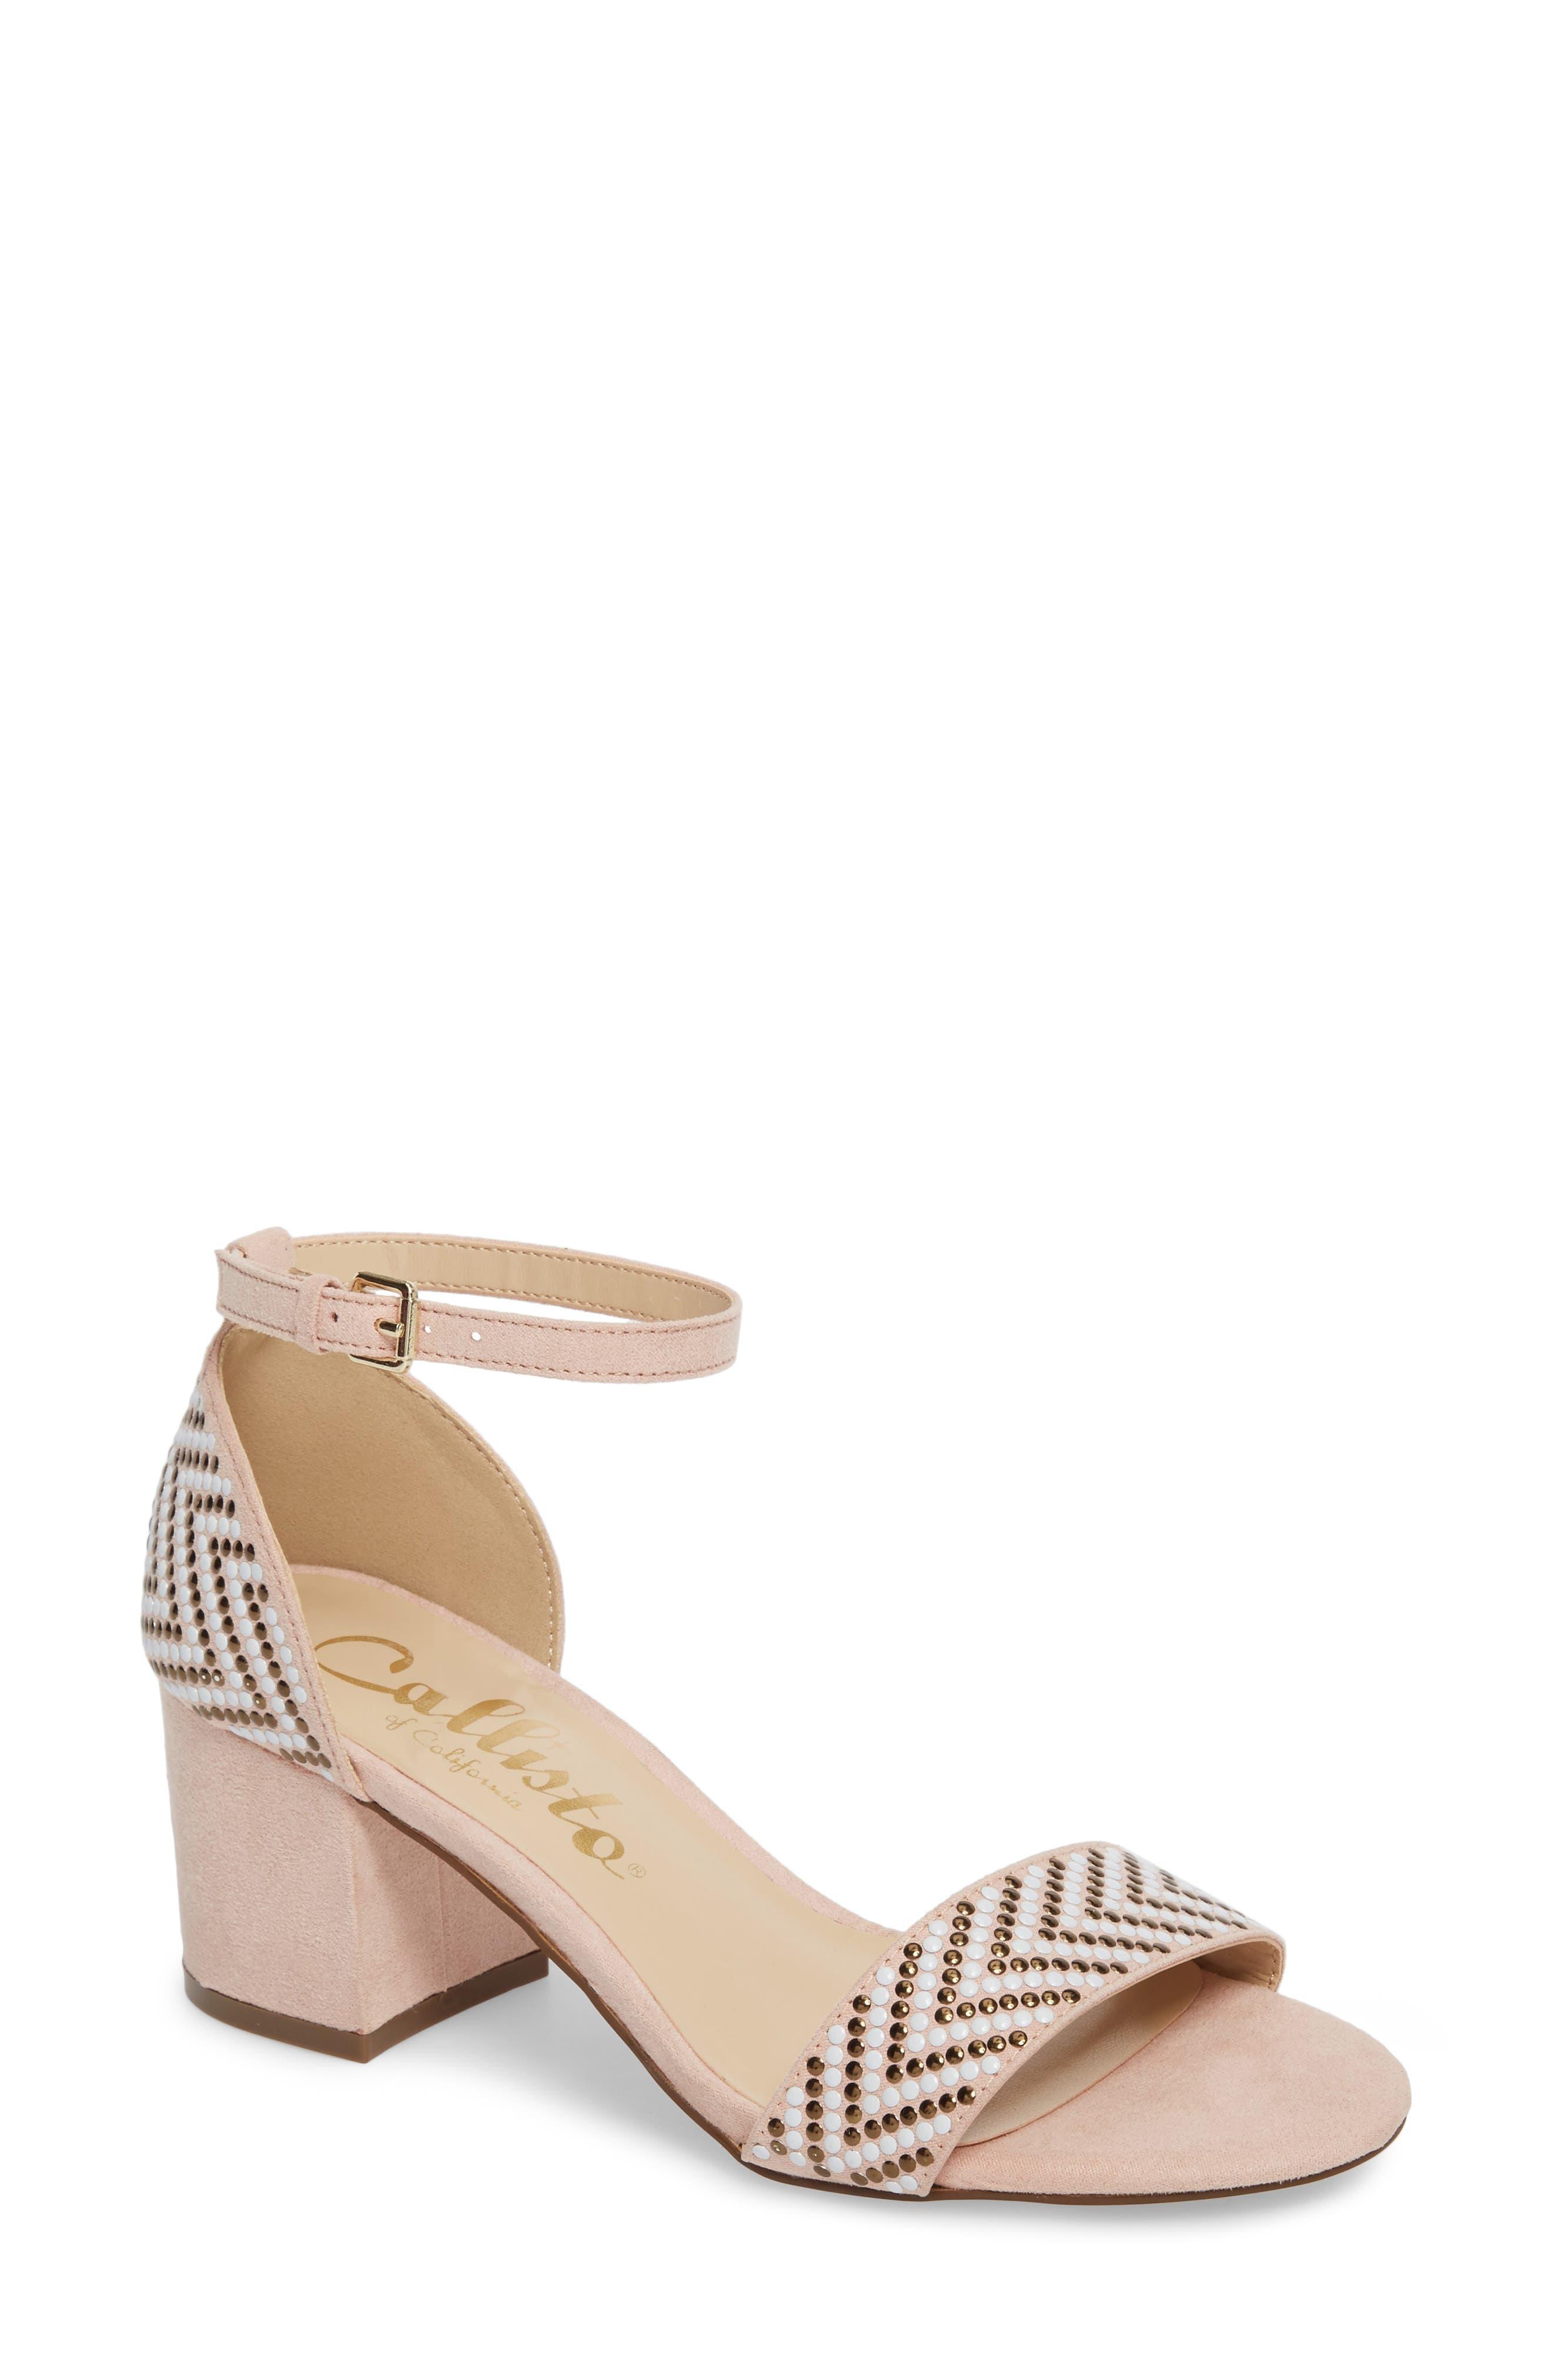 Callisto Mercer Ankle Strap Sandal, Pink